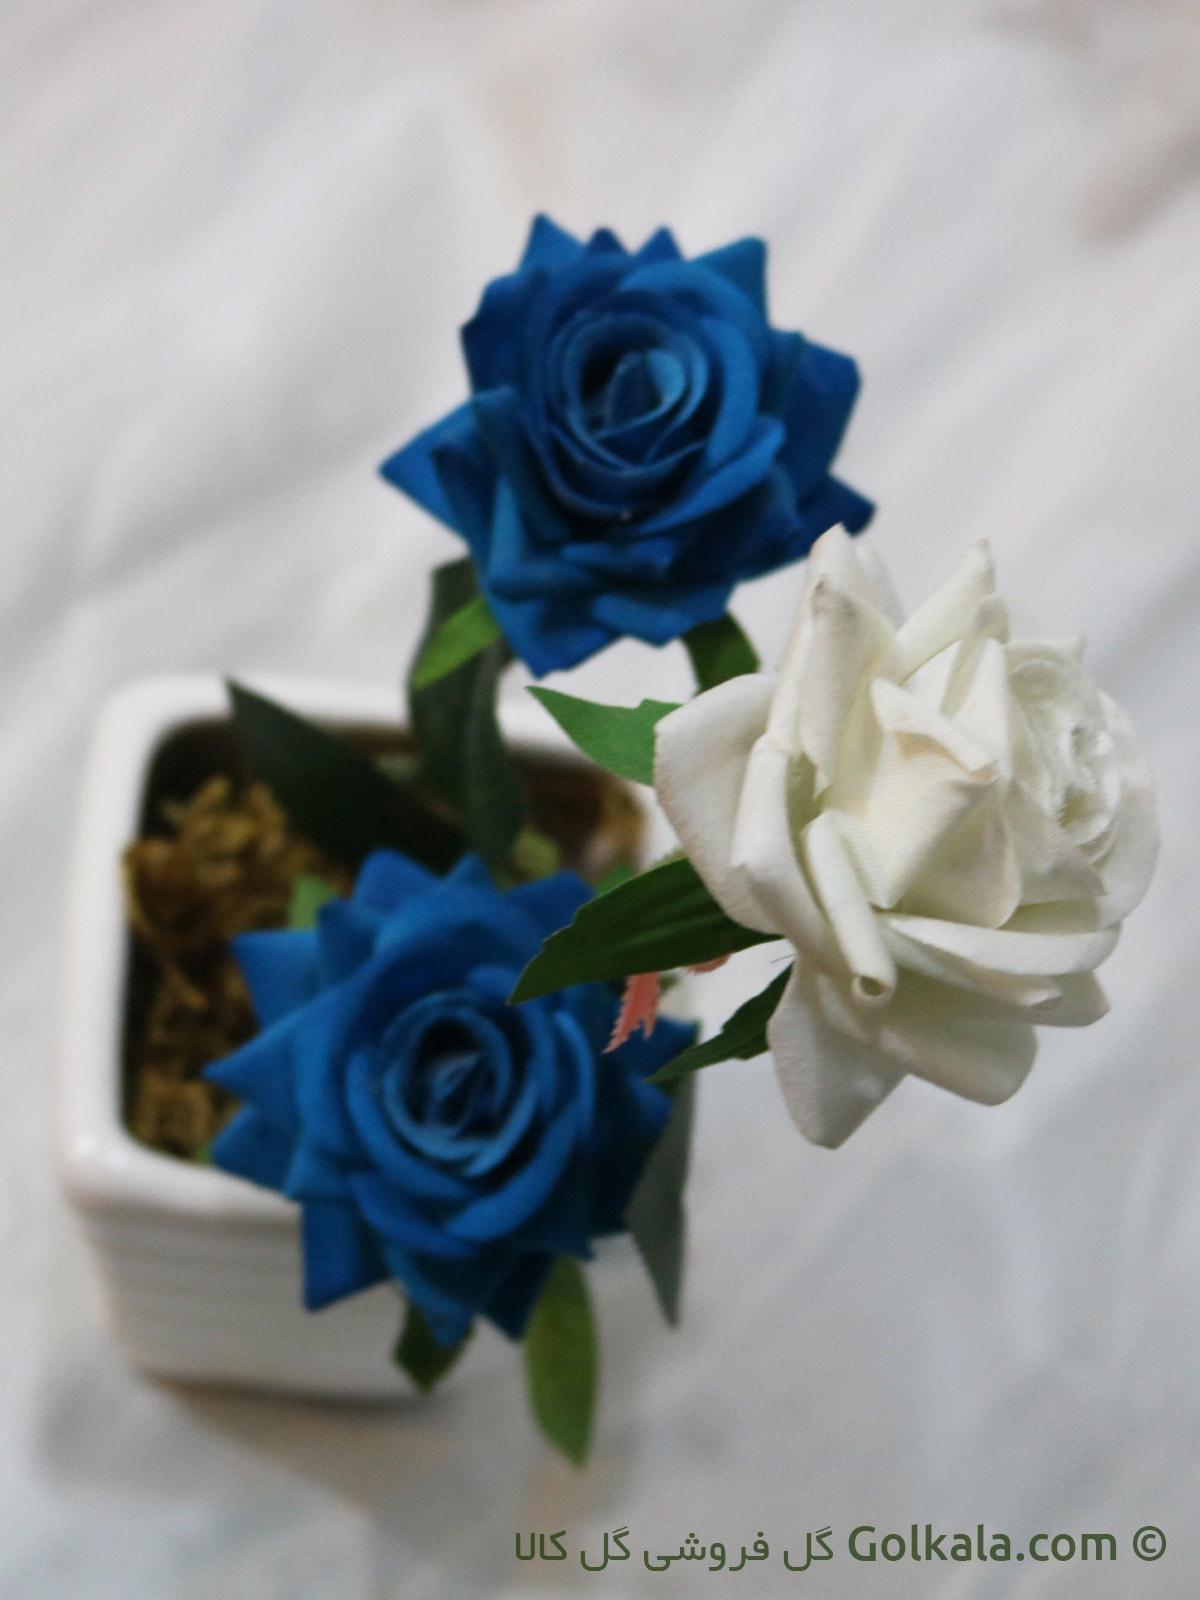 گل رز آبی, گل رز سفید, گلهای زیبا رز